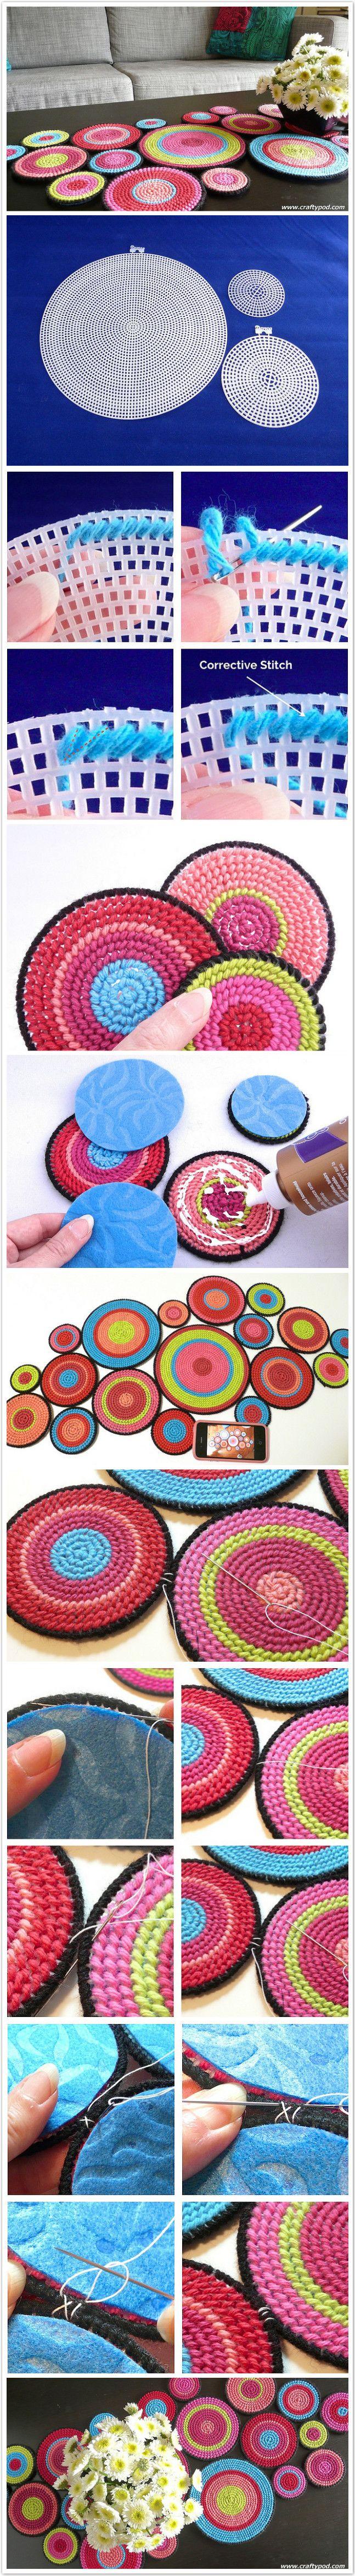 Table Runner From Plastic Canvas Circles  ראנר עיגולי רשת פלסטיק ריקמה